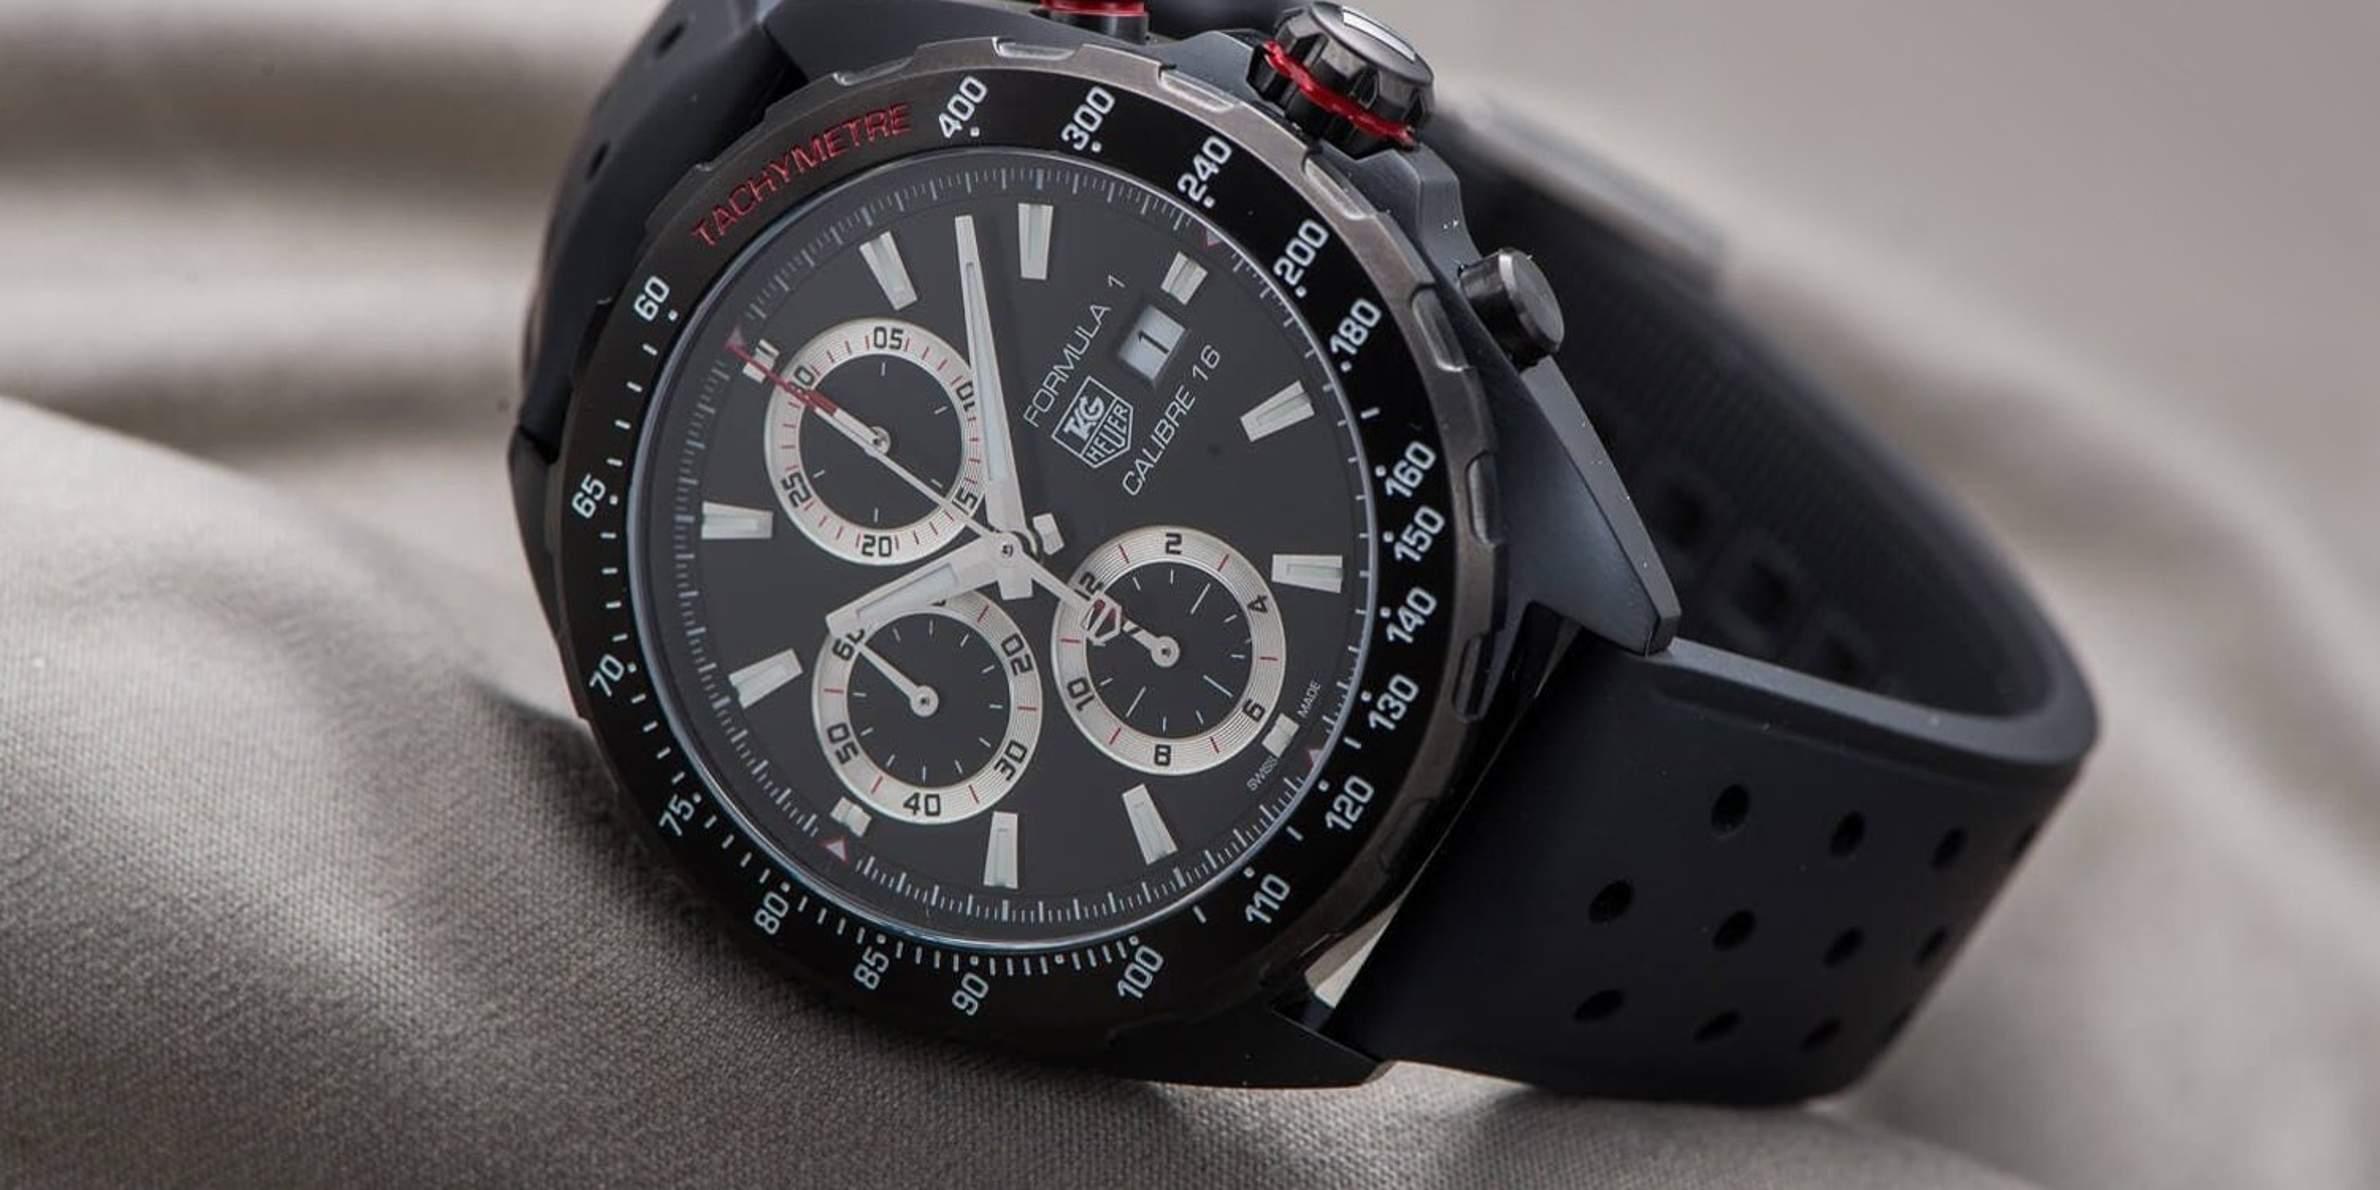 20-Formular-1-Watches